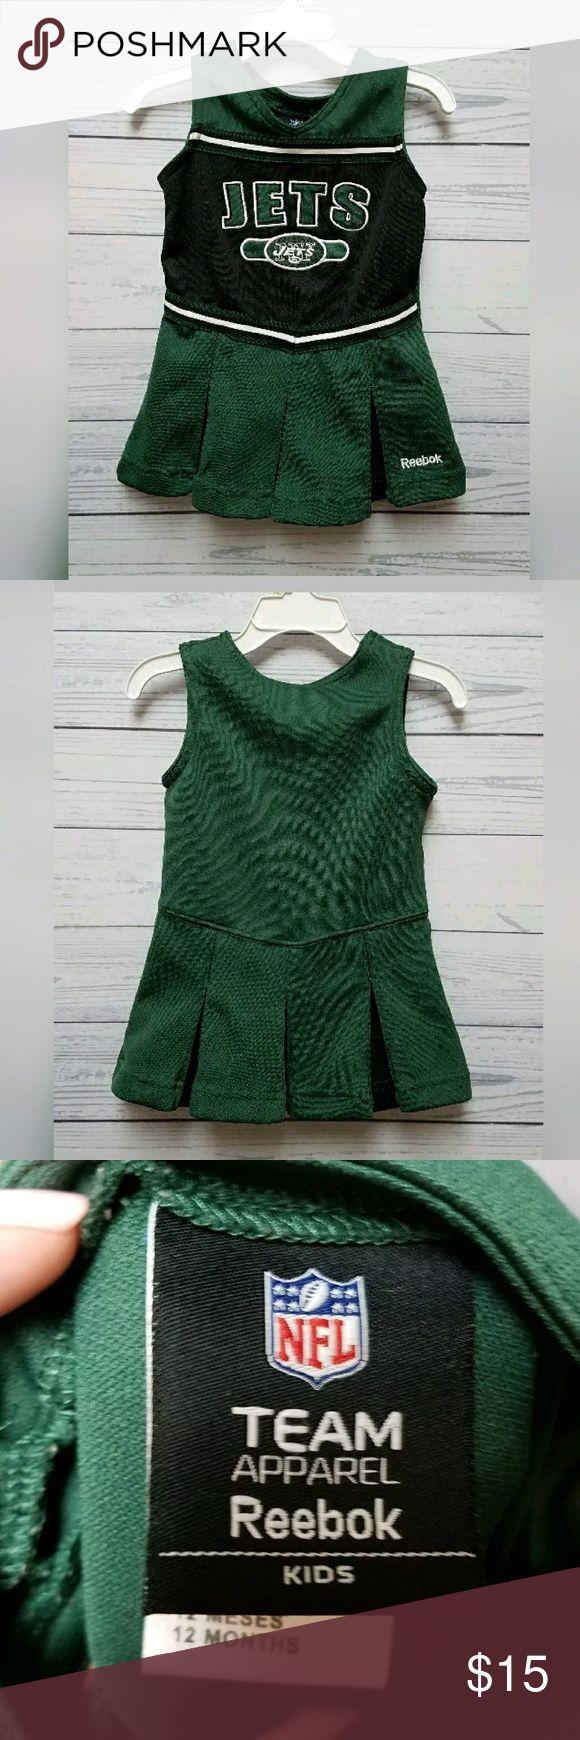 N.Y. Jets Cheerleader Dress - Size 12m Reebok N.Y. Jets Infant Cheerleader outfit. Size 12m. Excellent condition beside one minor flaw, see pic. Reebok Dresses